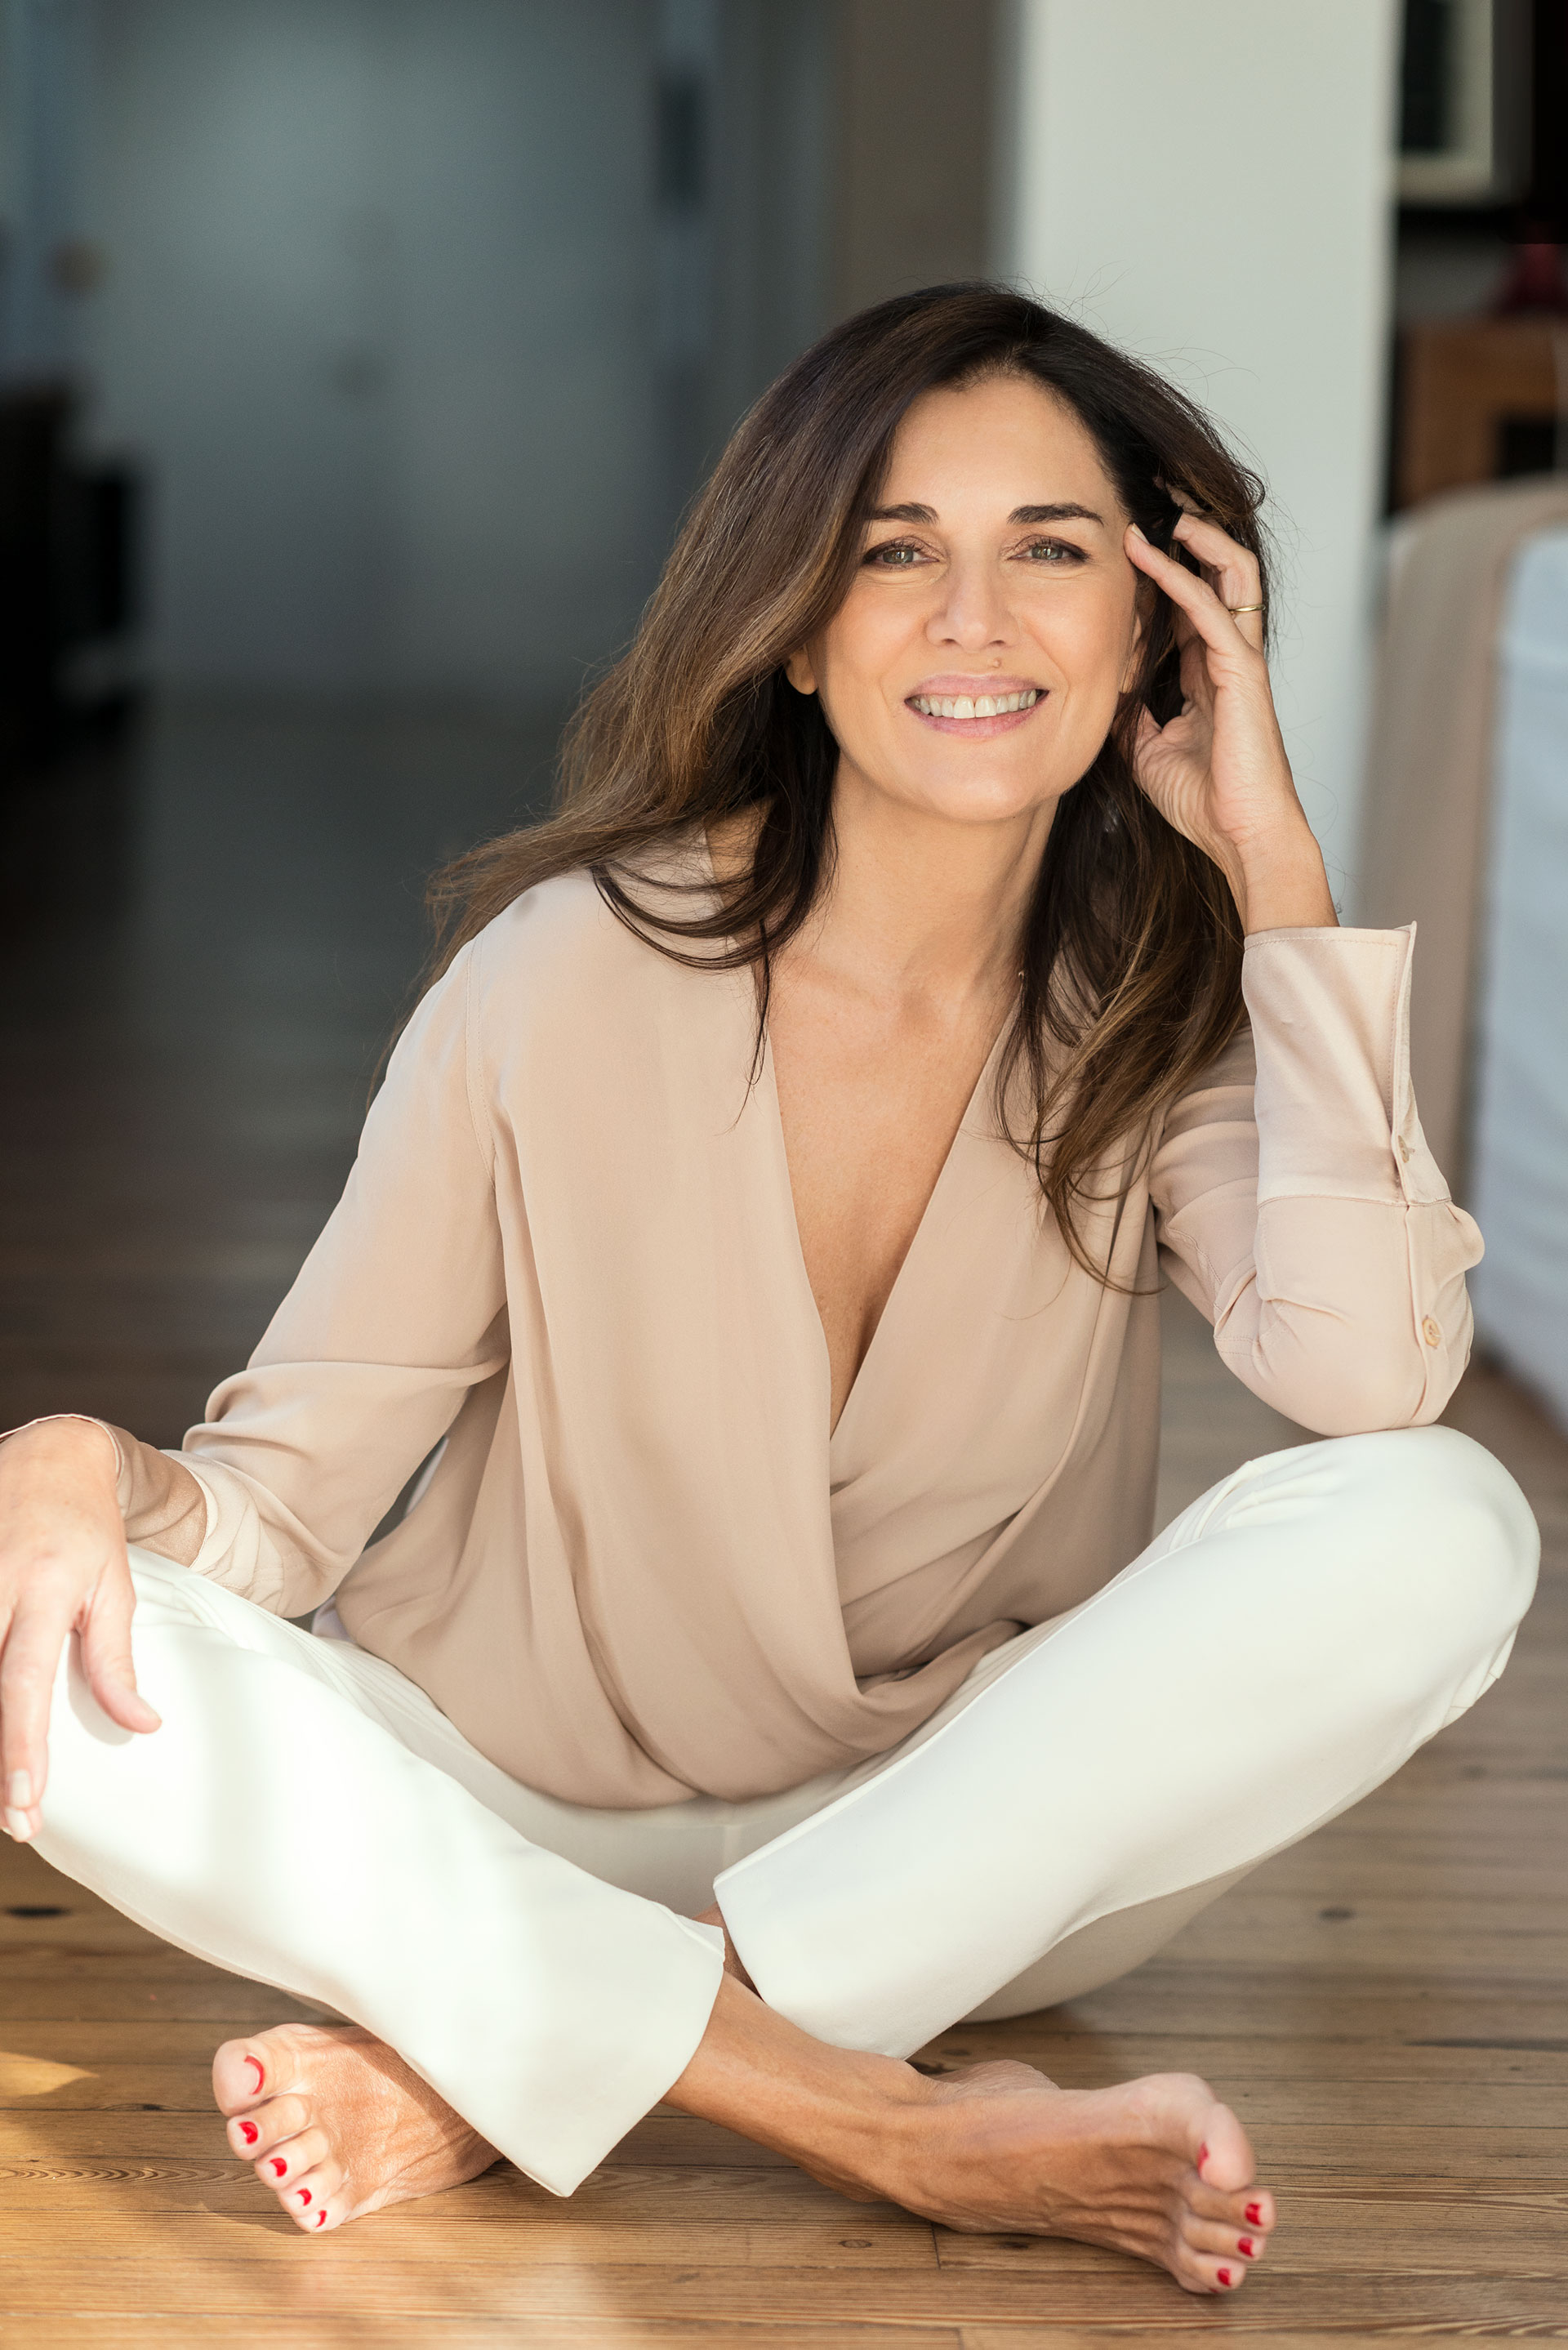 Si bien dejó el modelaje y de ser cara de marcas, nunca teme a posar ante la cámara. Fresca y sonriente (Claudia Cebrian)